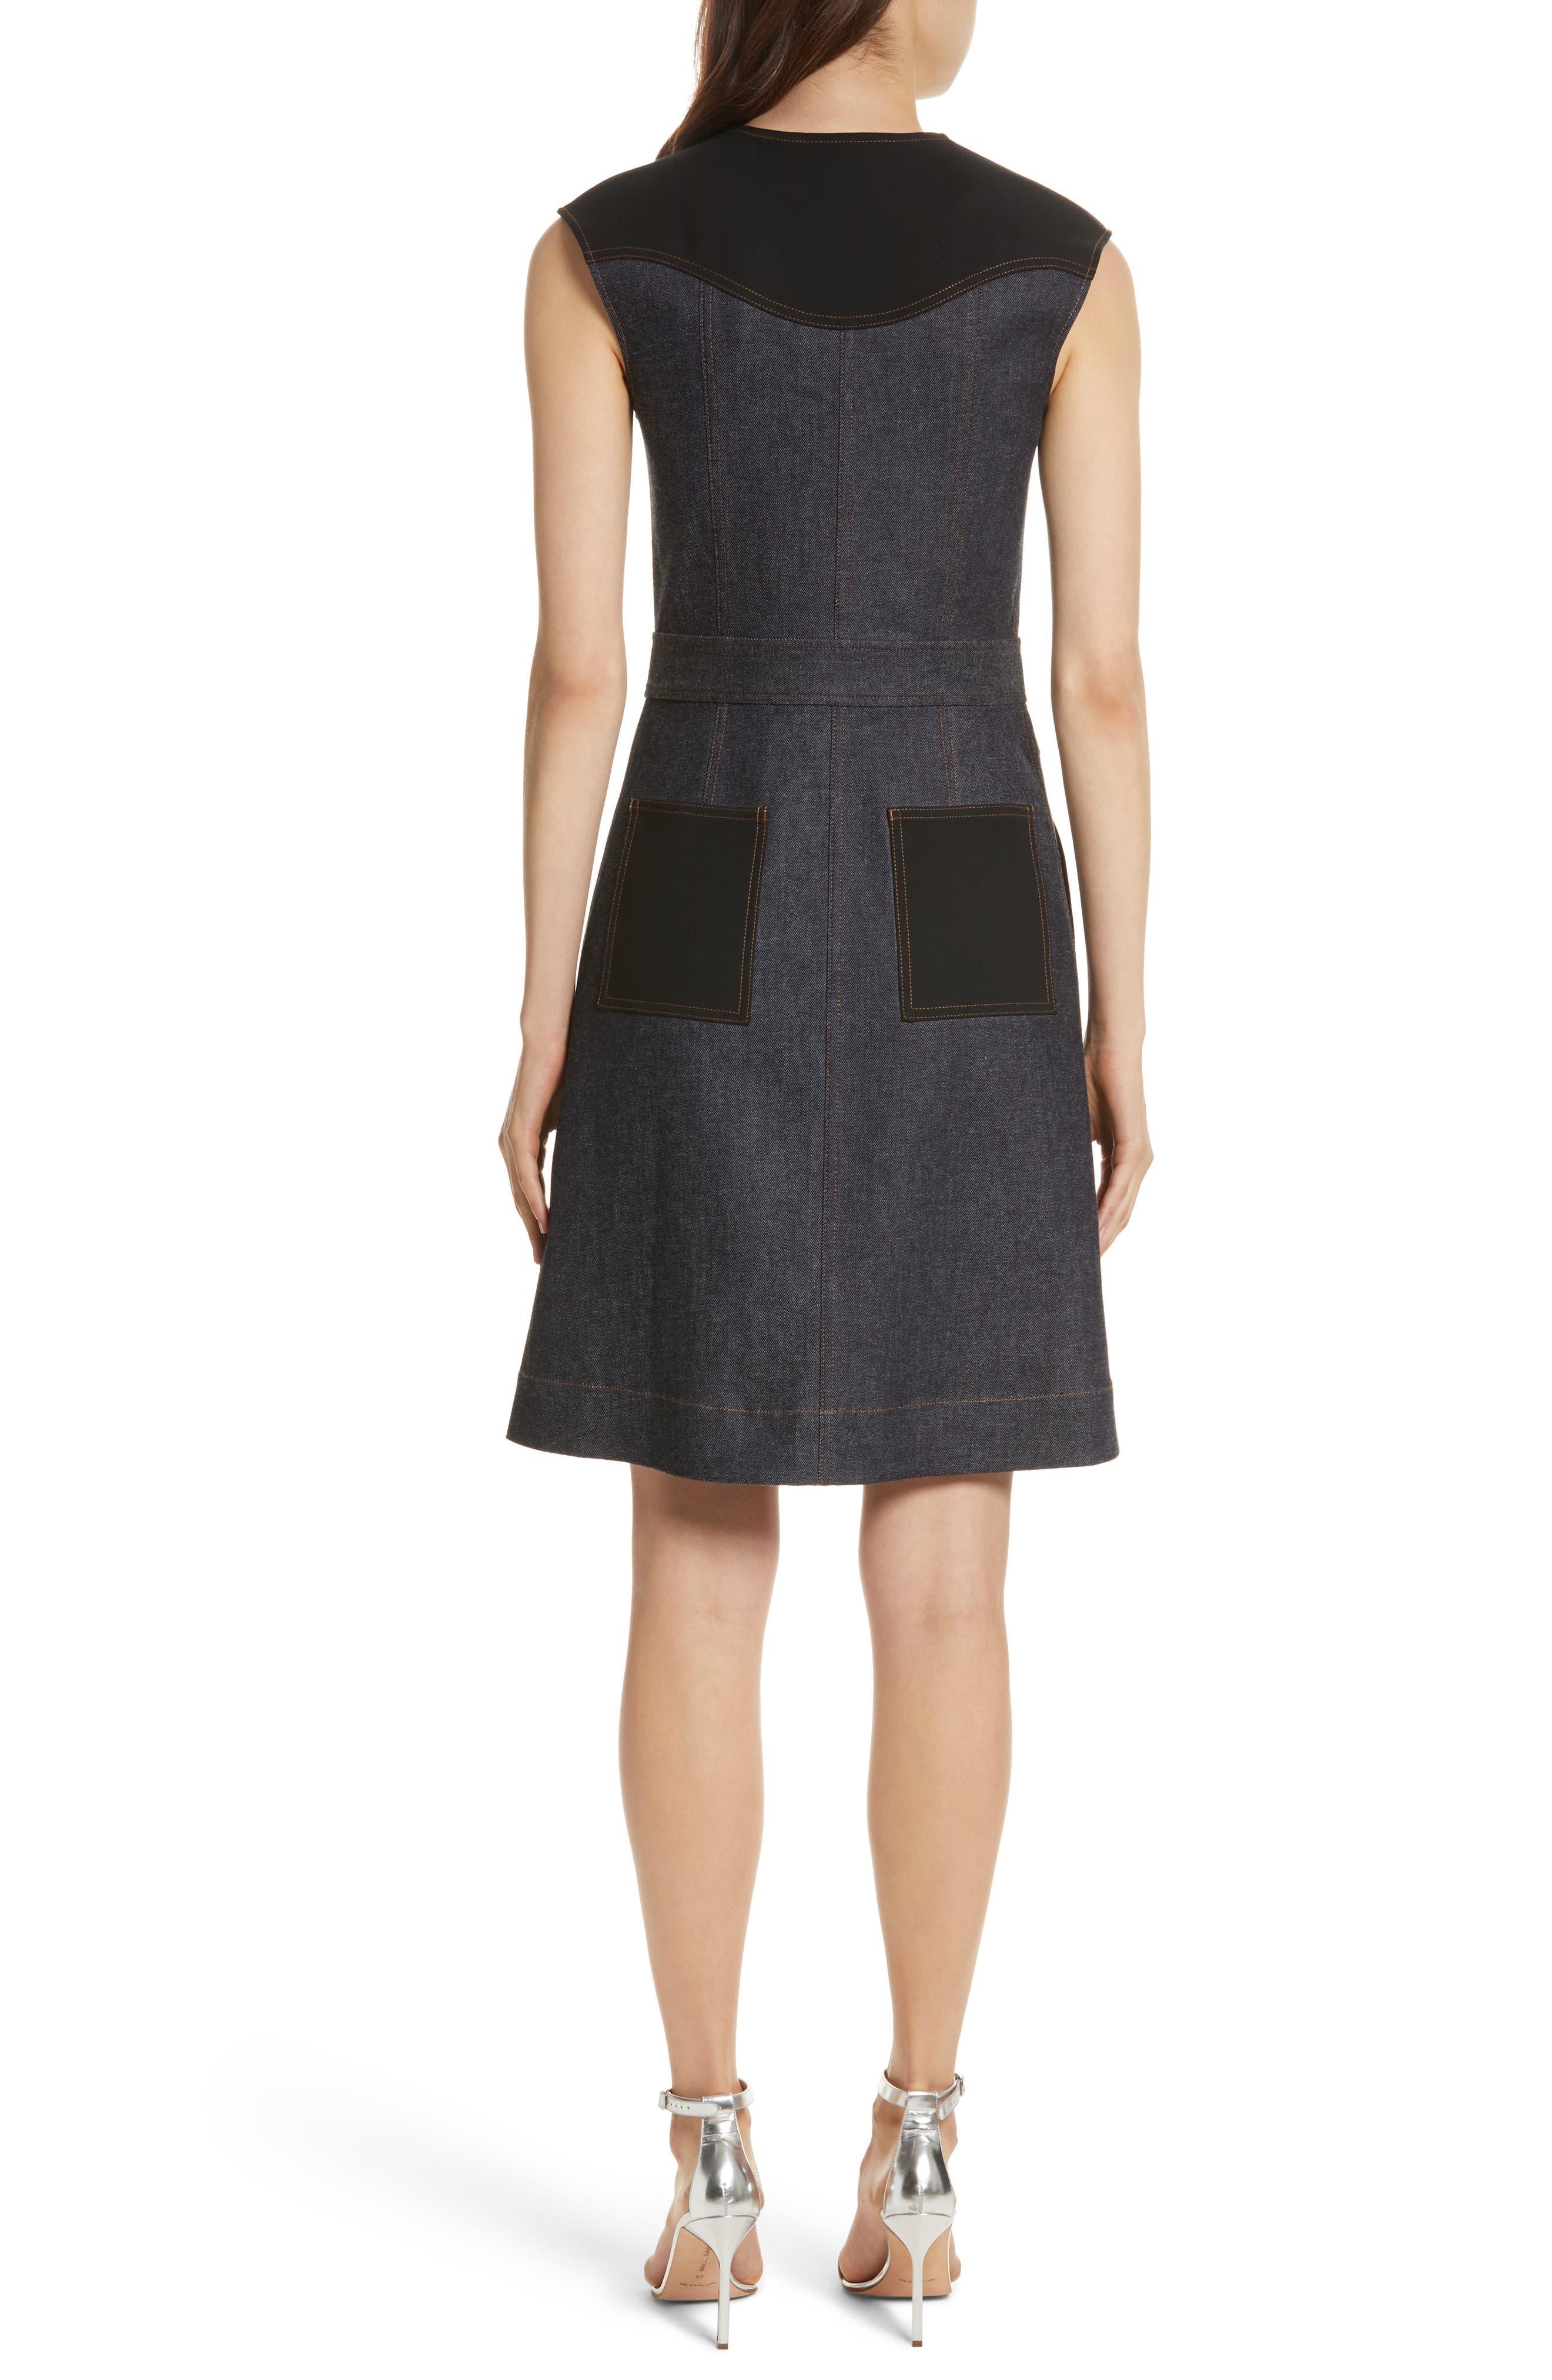 Diane von Furstenberg Front Zip Denim Dress,                             Alternate thumbnail 2, color,                             Indigo/ Black